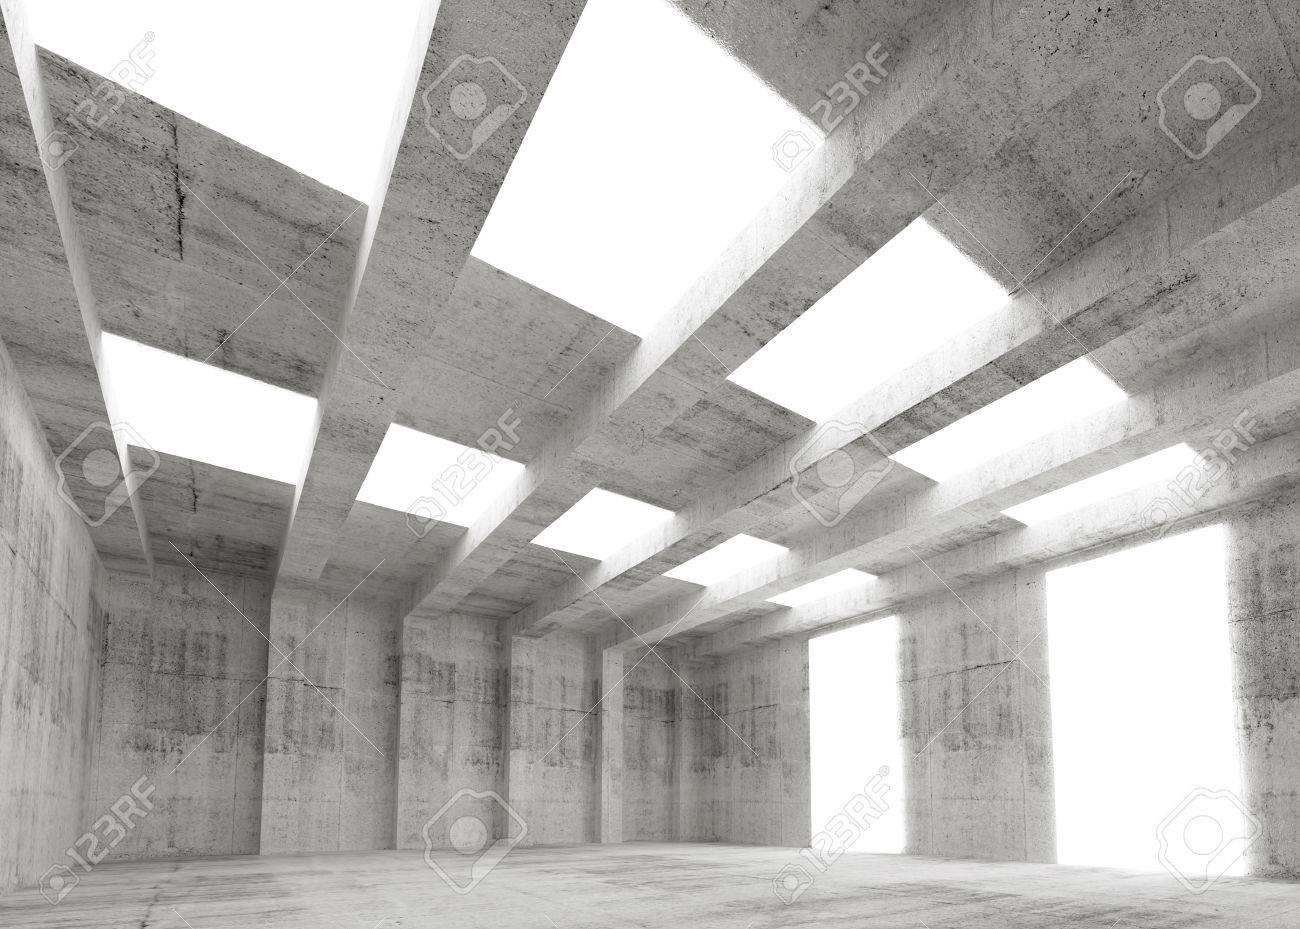 Beton In Interieur : Résumé vide béton intérieur 3d avec des lumières et des poutres